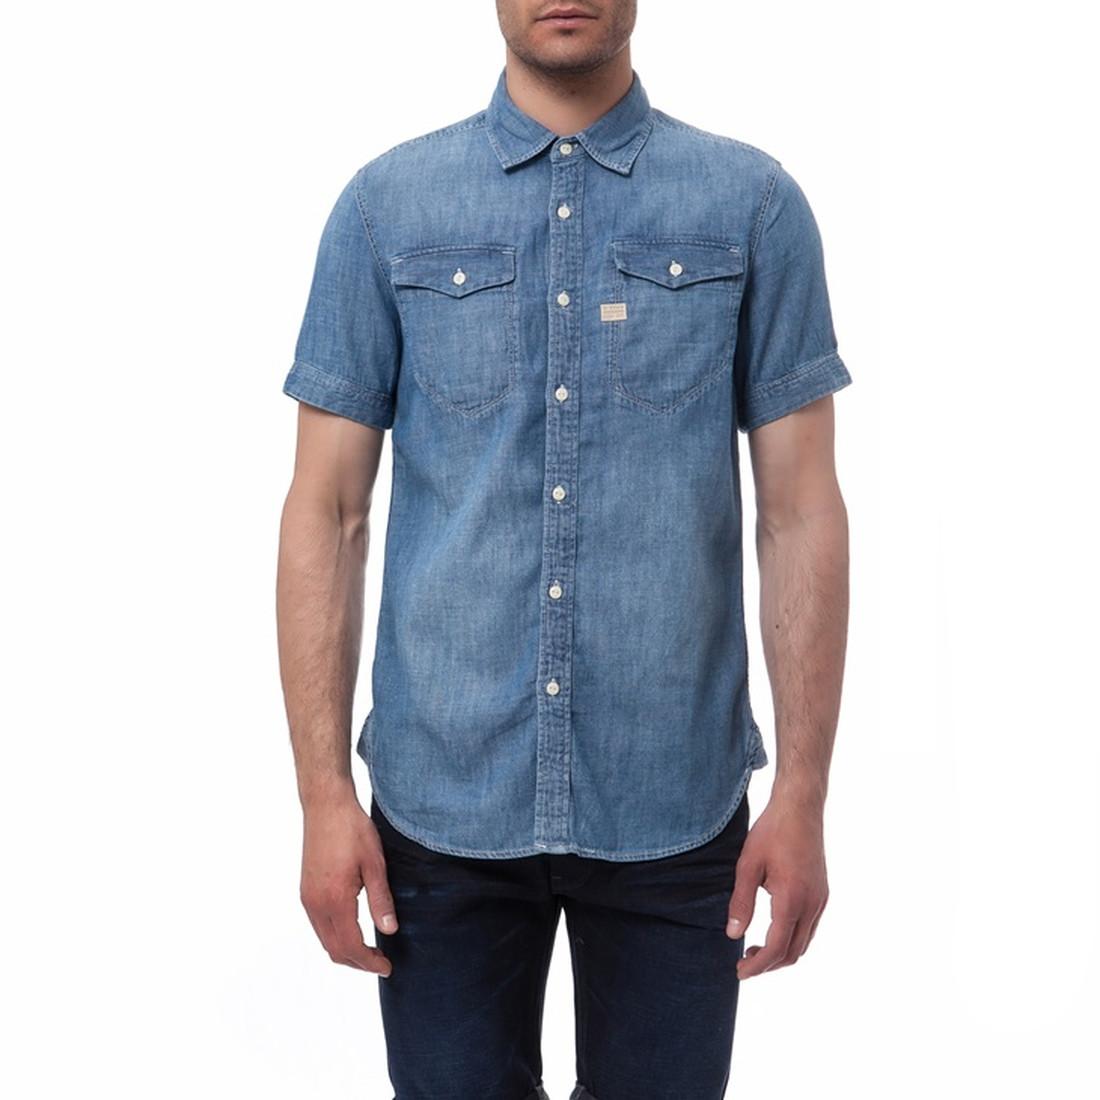 Δεν γίνεται να χάσεις πουκάμισο με 52% έκπτωση